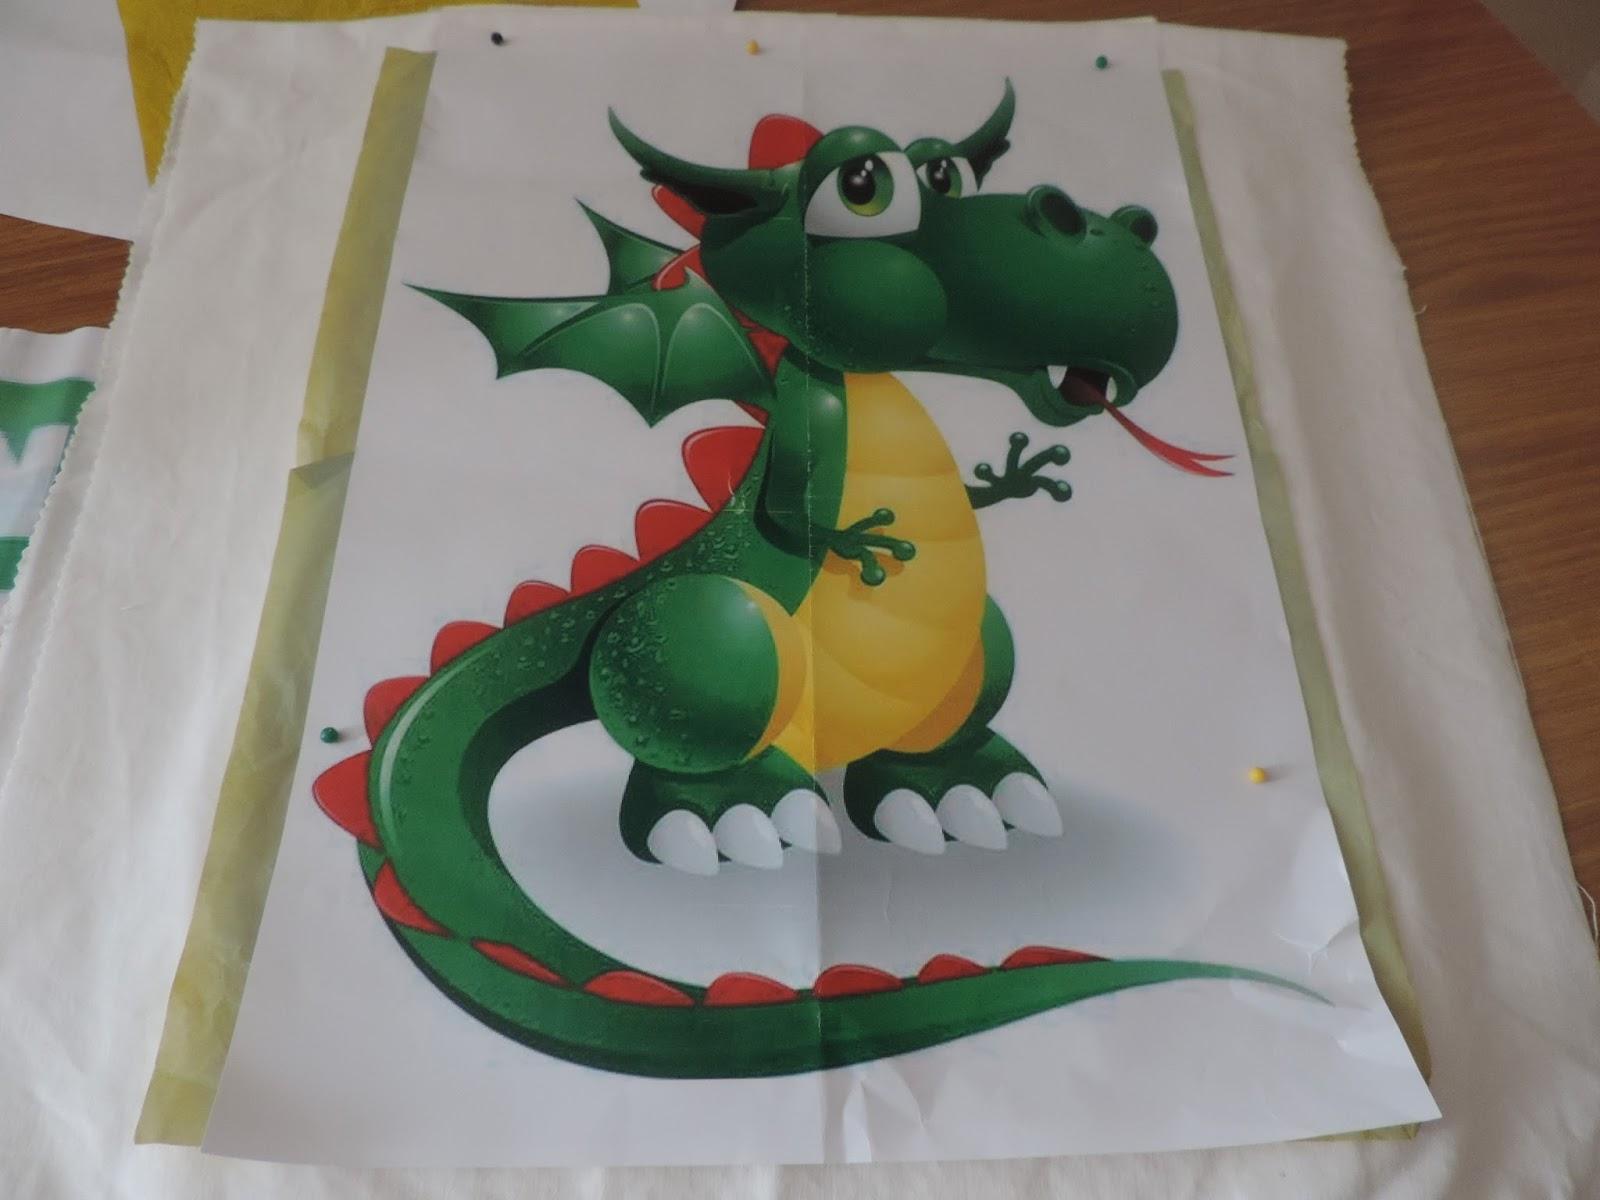 Cosas de cari cojin de dragon pintado a mano en tela - Cojines pintados en tela ...